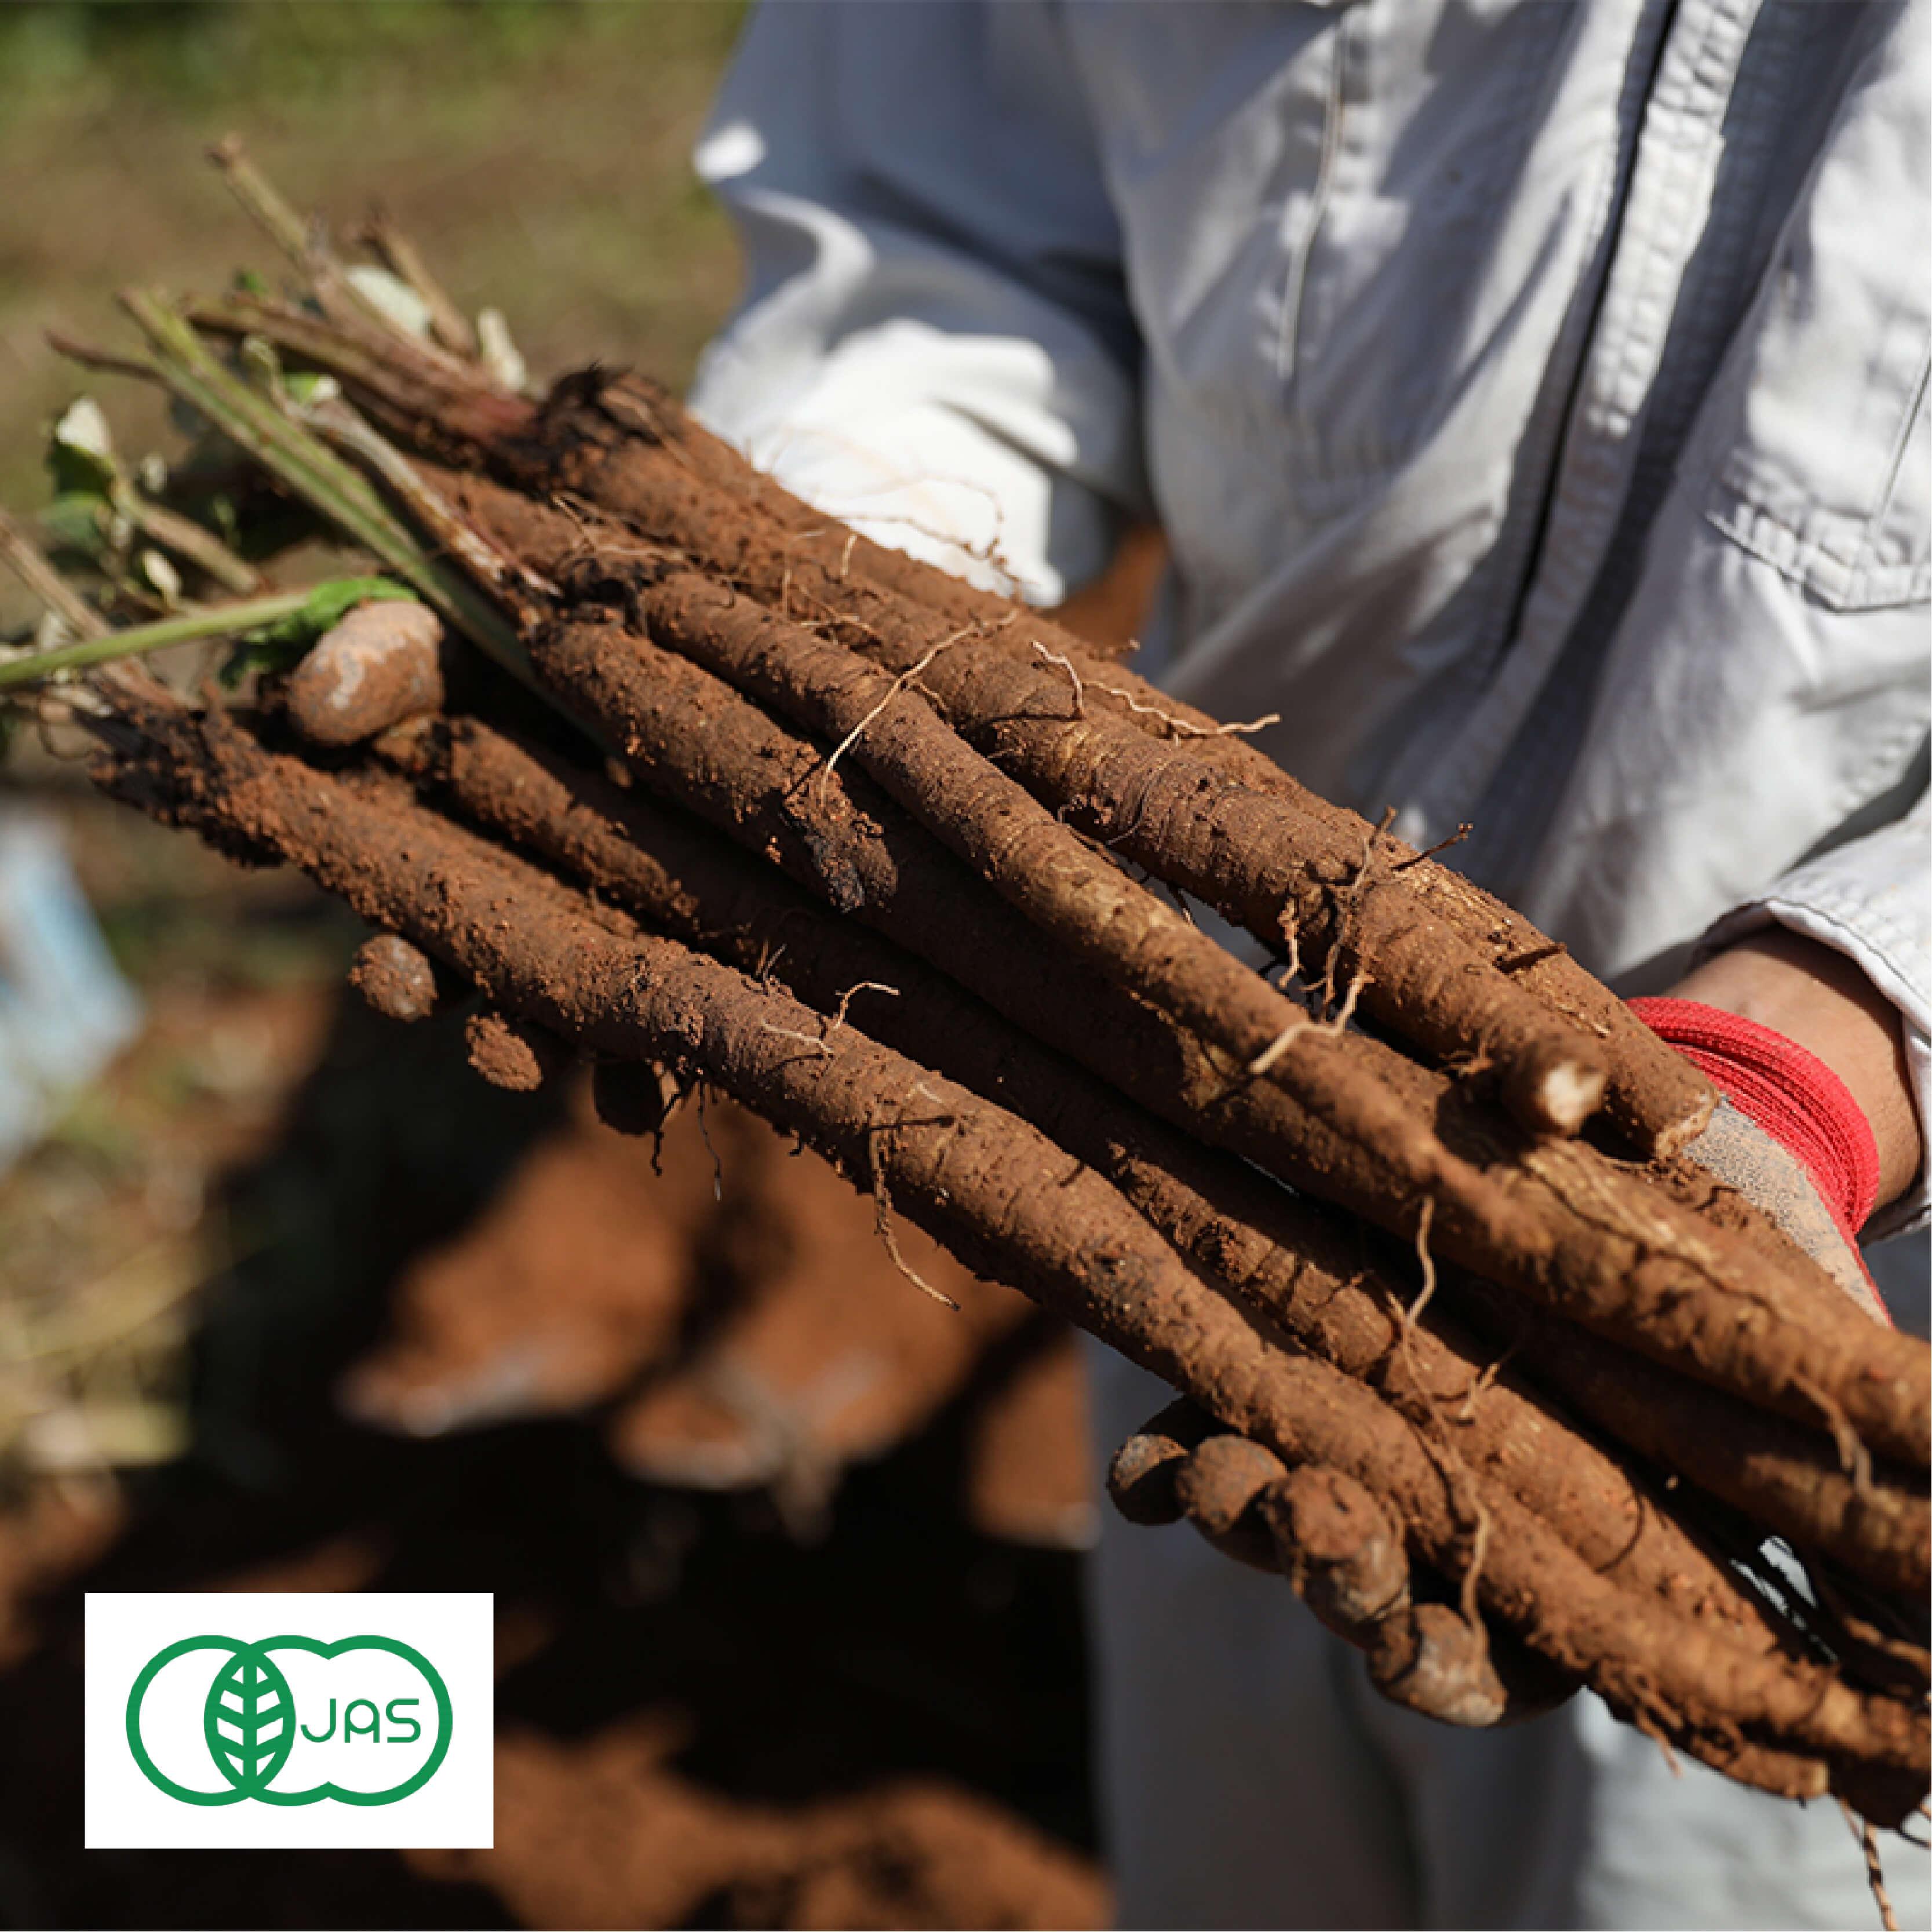 有機JAS認証を受けた寺岡有機農場の野菜